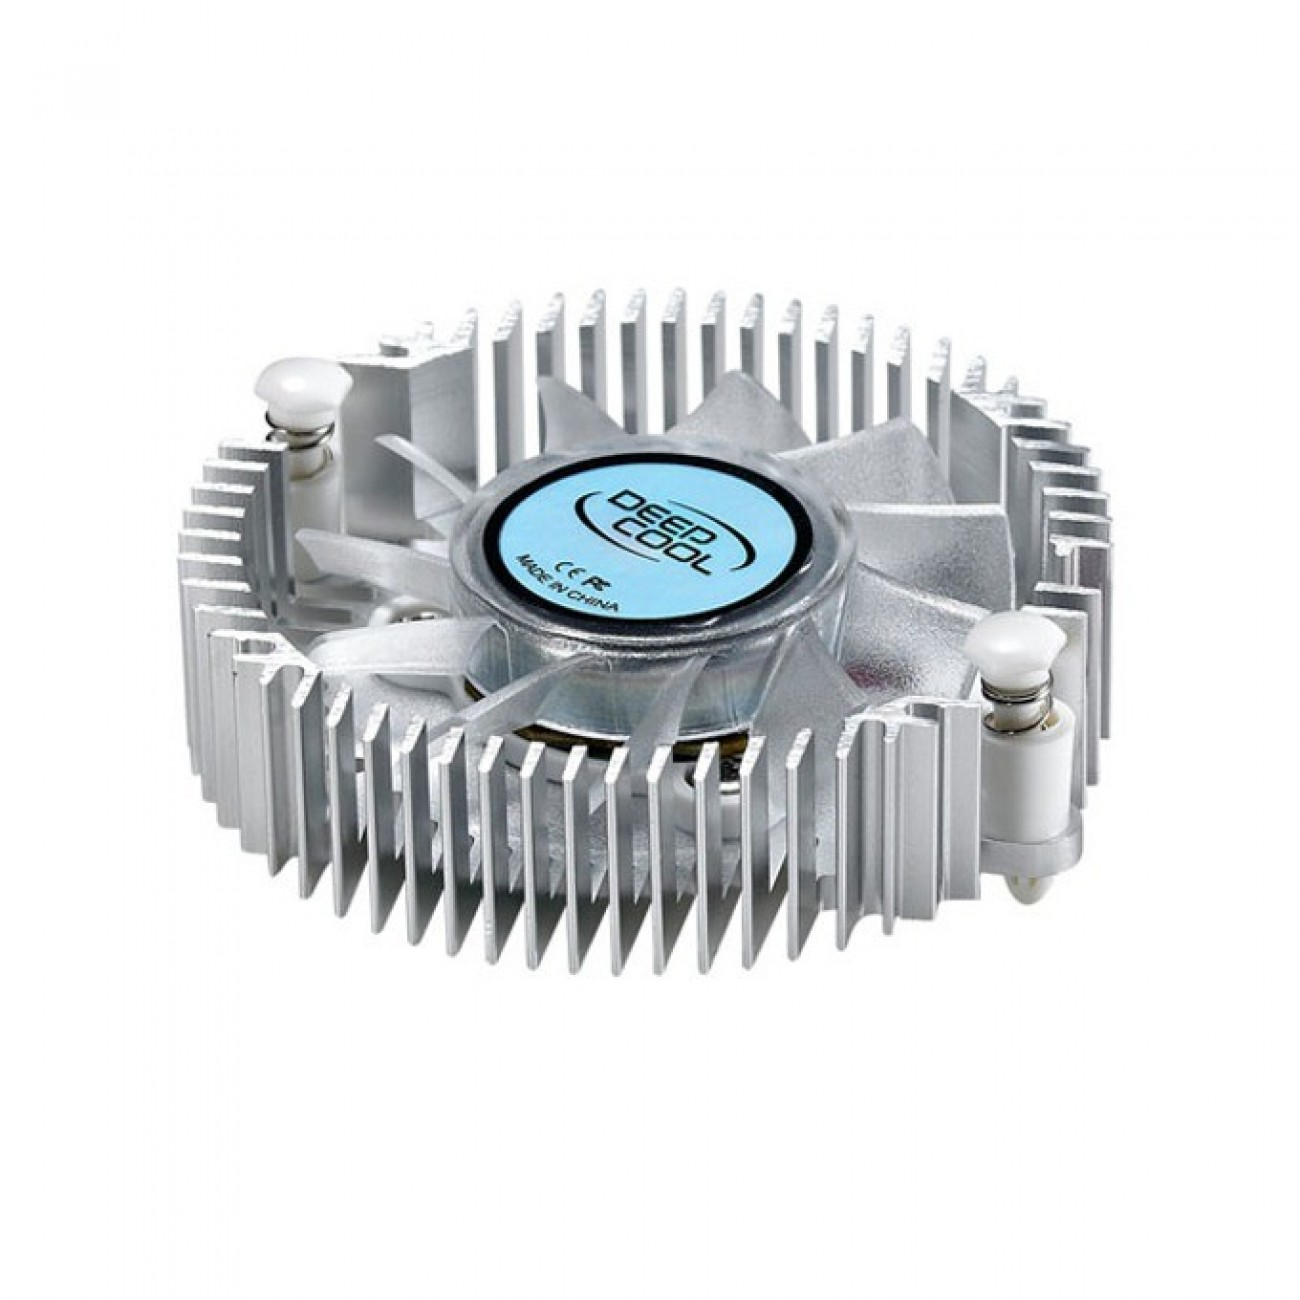 Охладител за видеокарти DeepCool V50, NVIDIA в Вентилатори / Охладители -  | Alleop